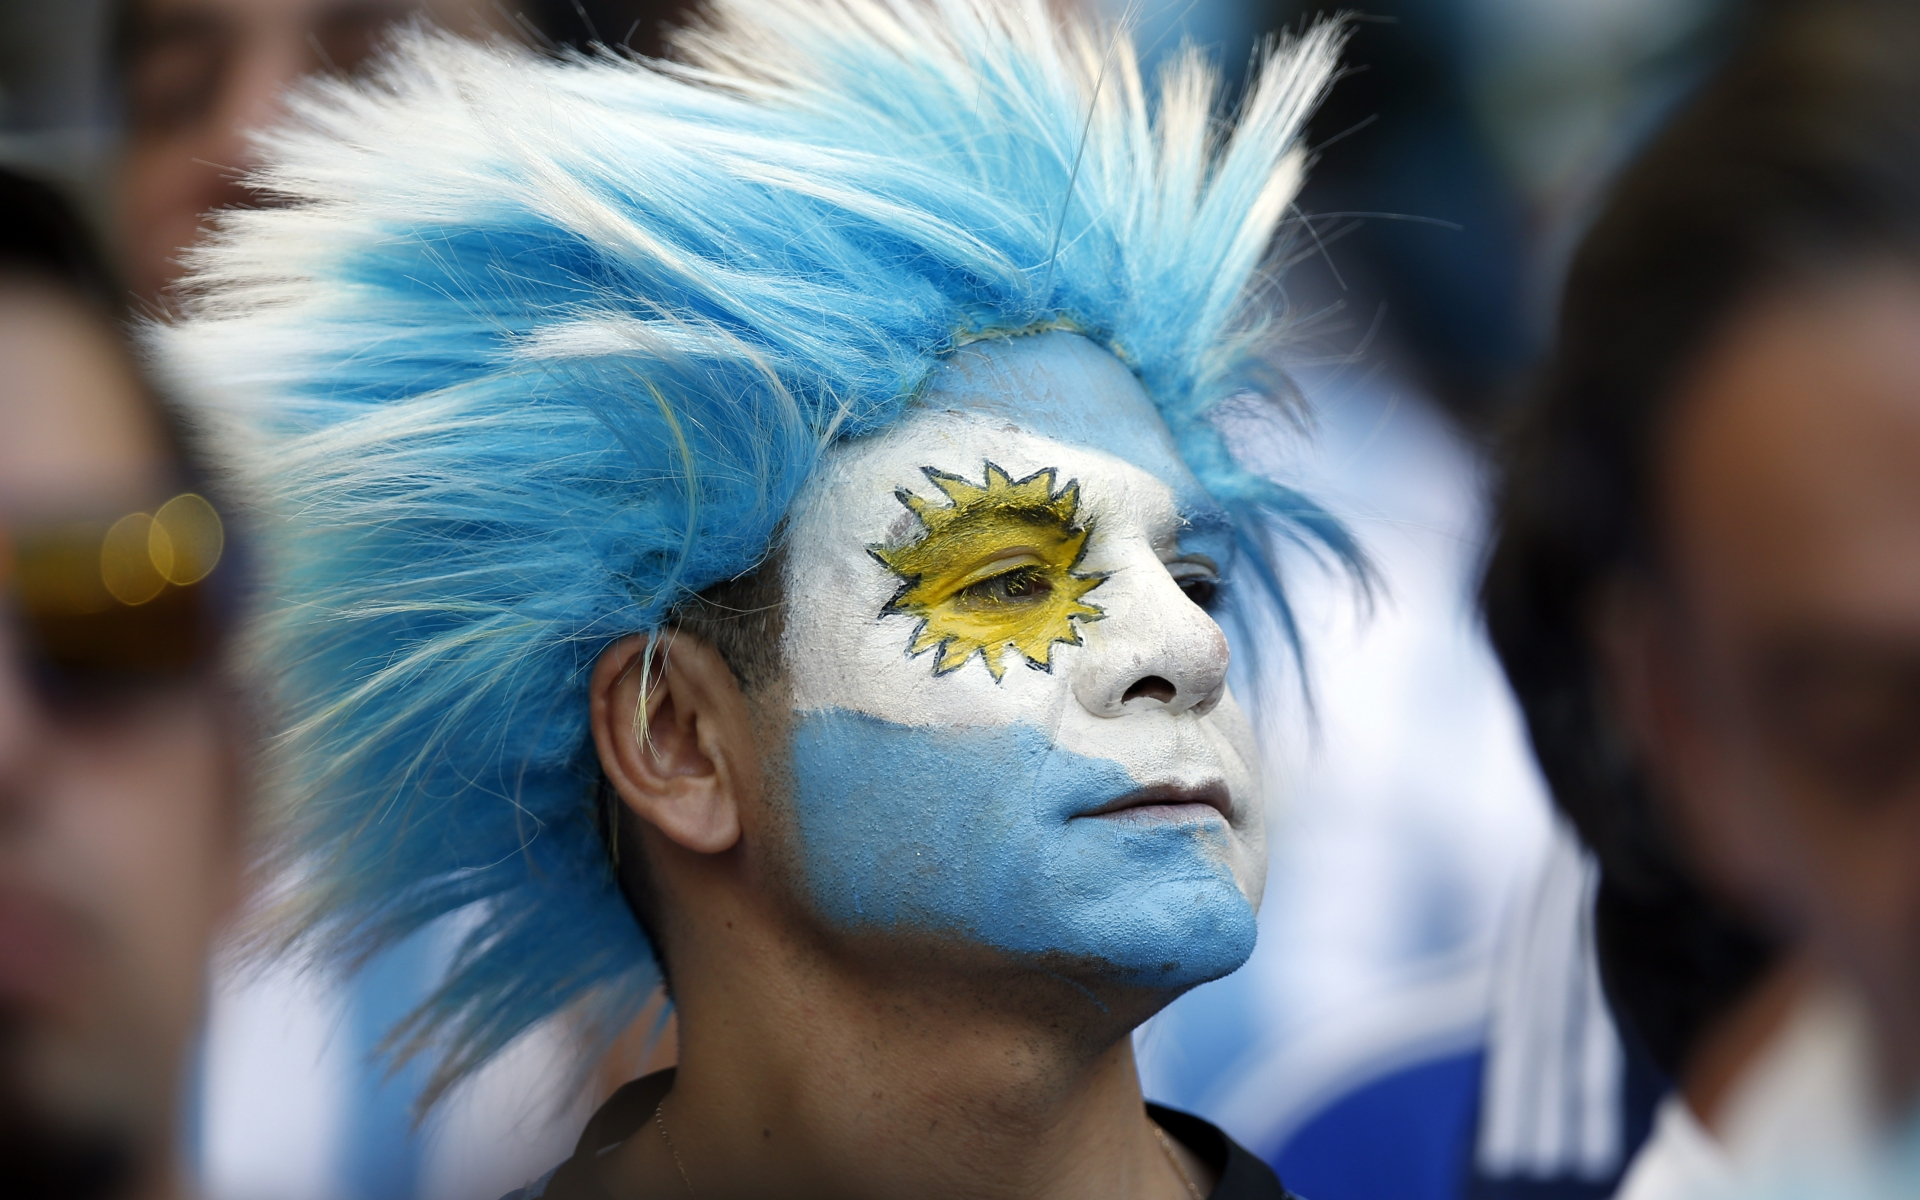 Hinchas Argentinos con cara pintada - 1920x1200